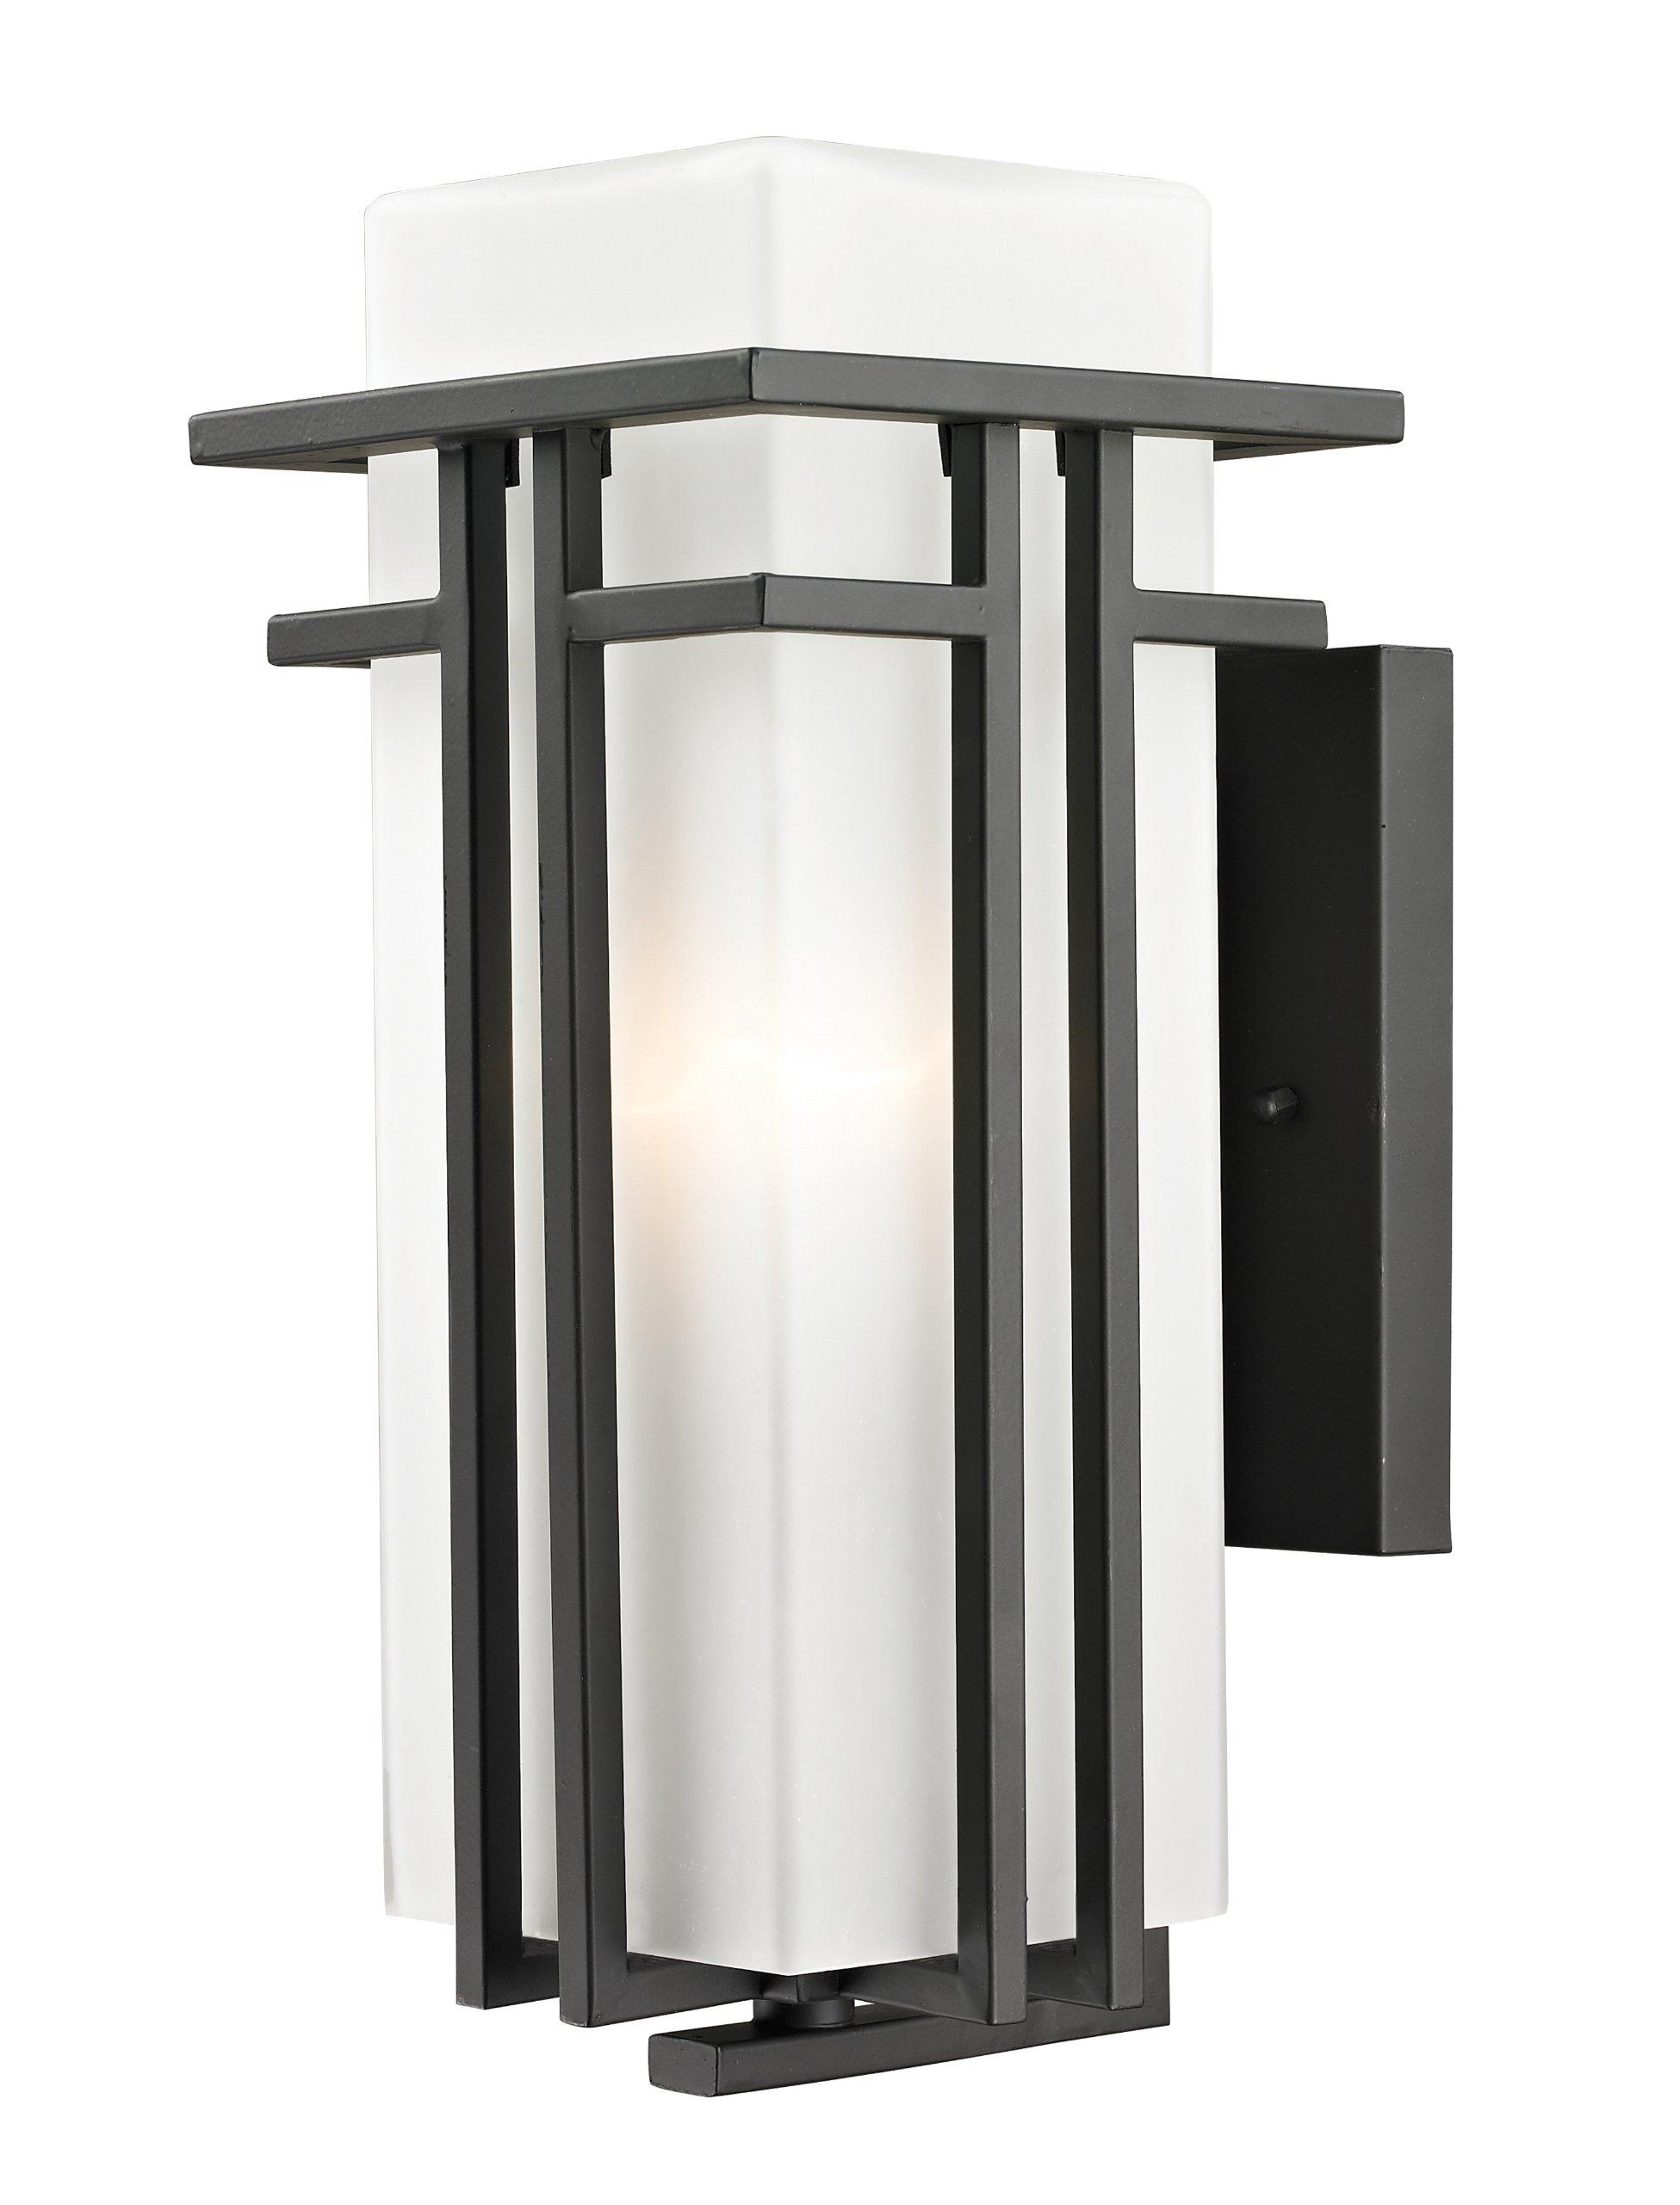 Z-Lite 550M-ORBZ Outdoor Wall Light and Matte Opal shade, Glass